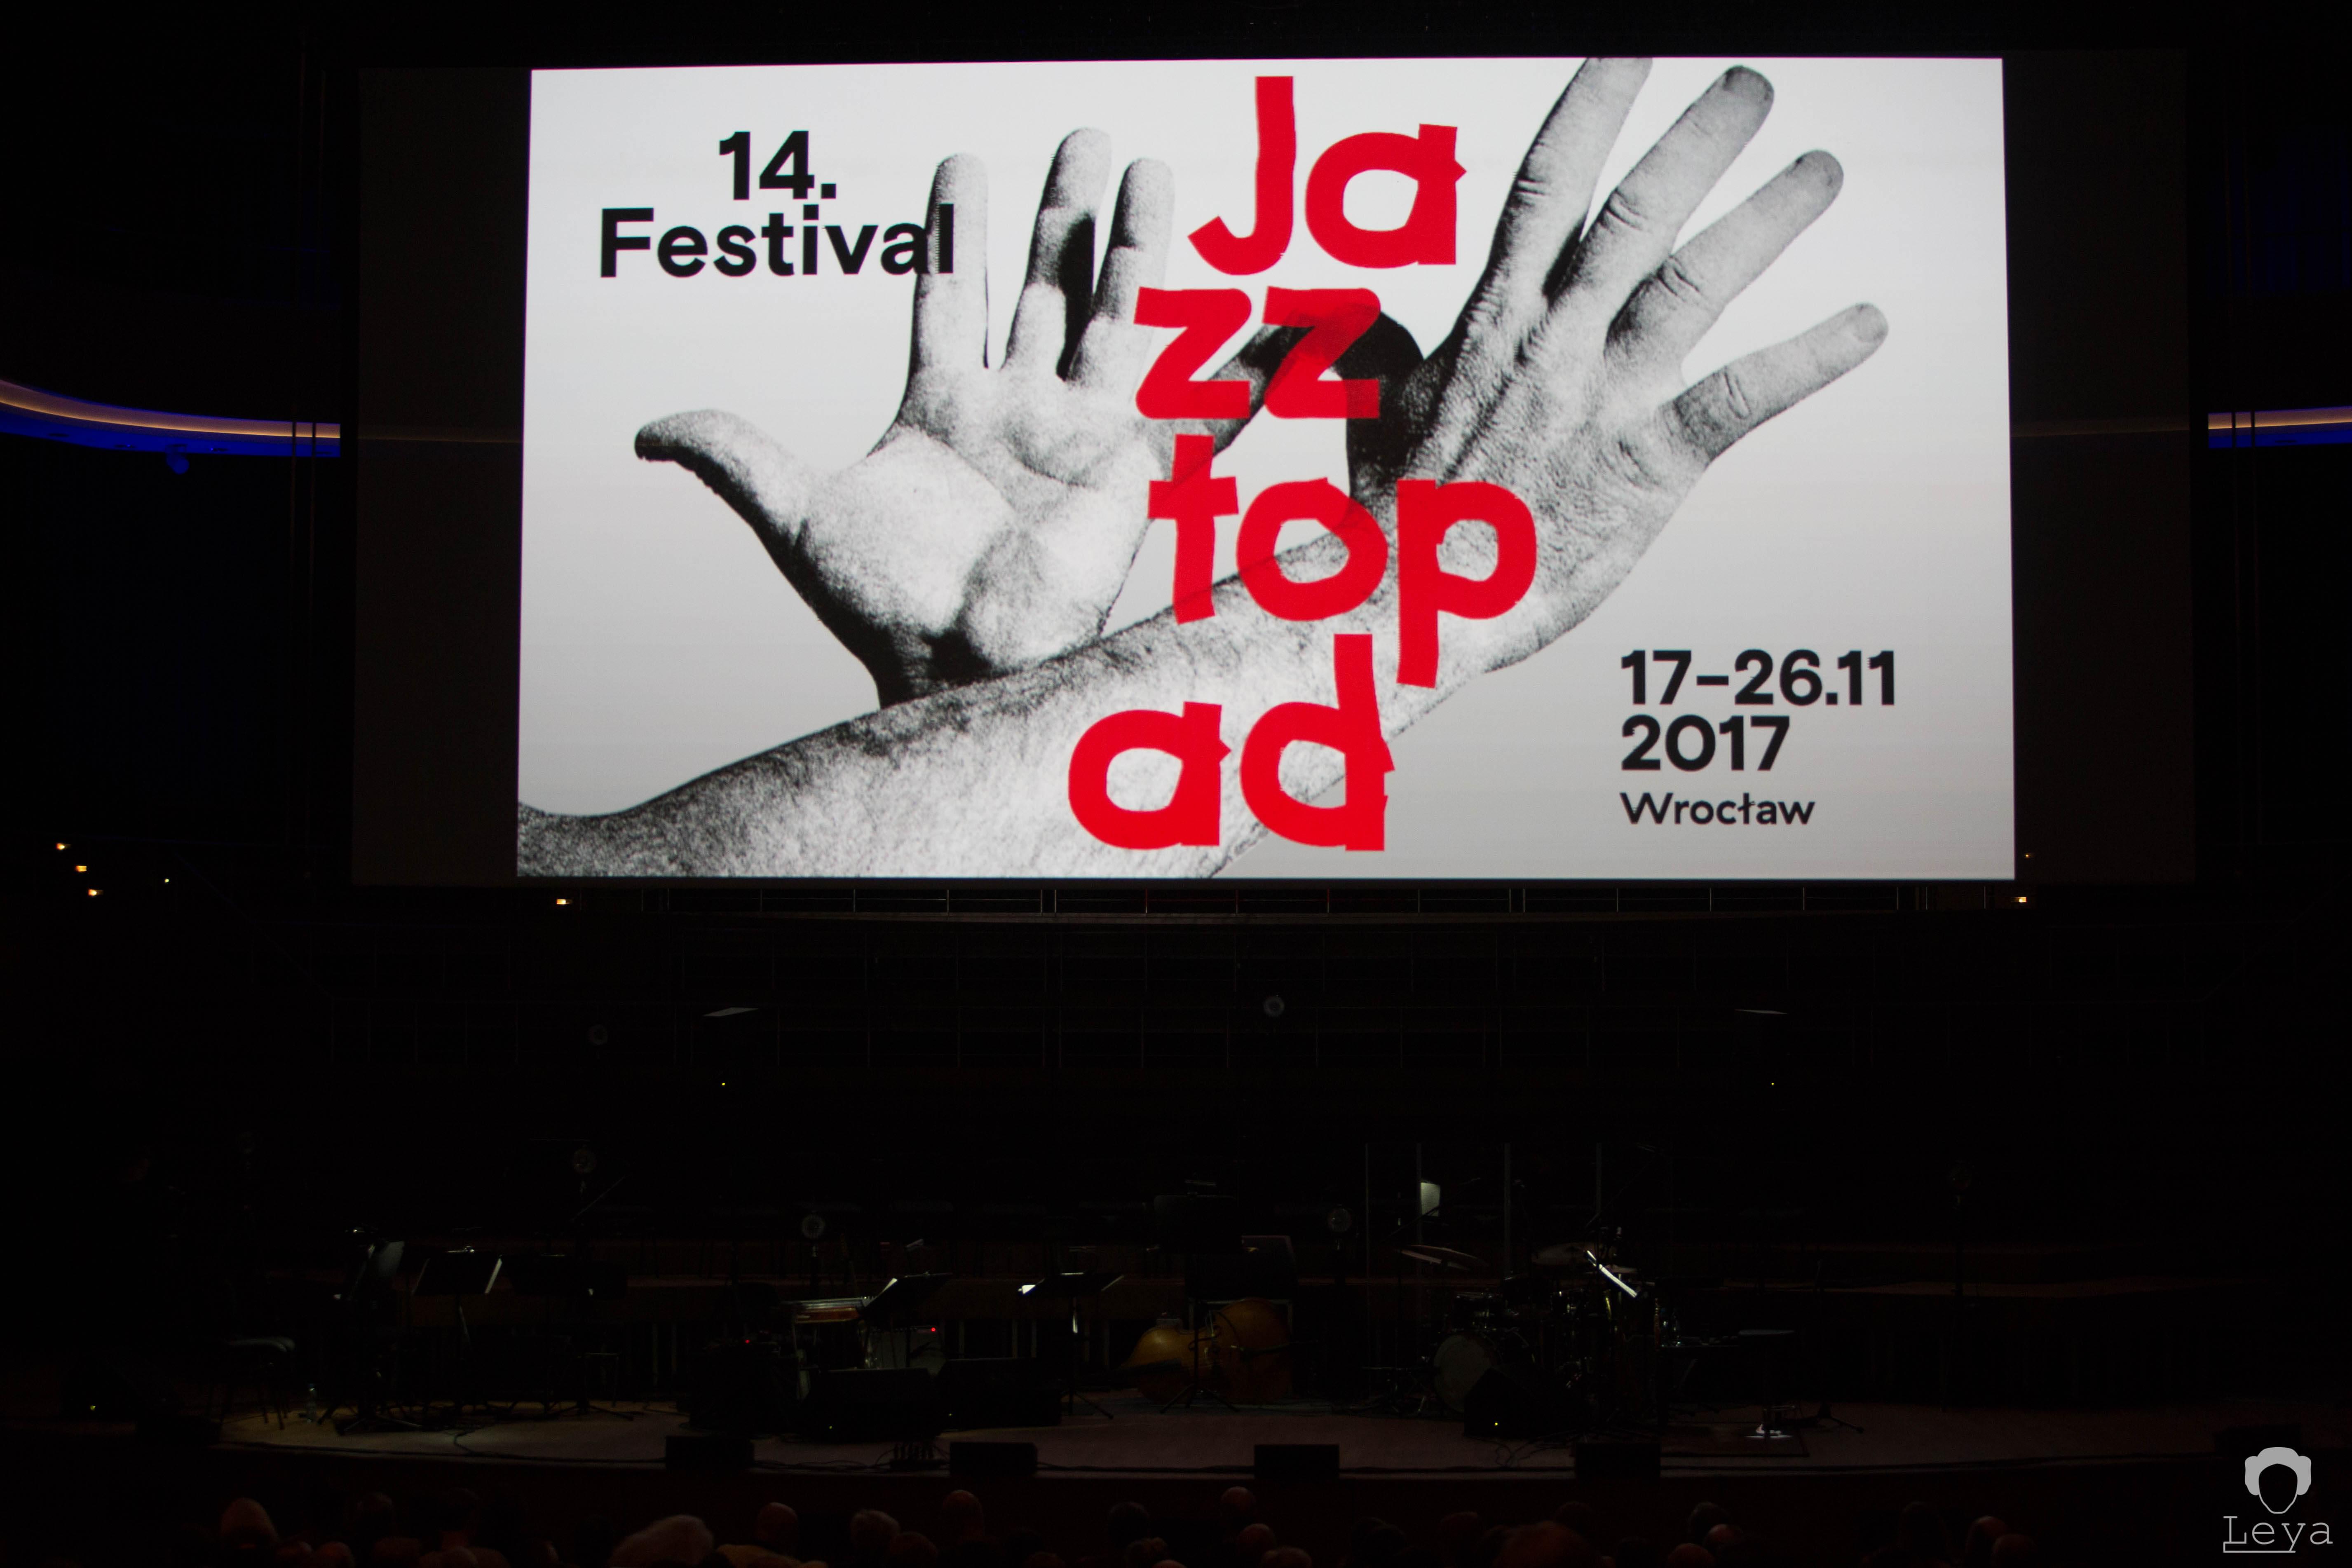 Jazztopad Festival 2017 – Relacja